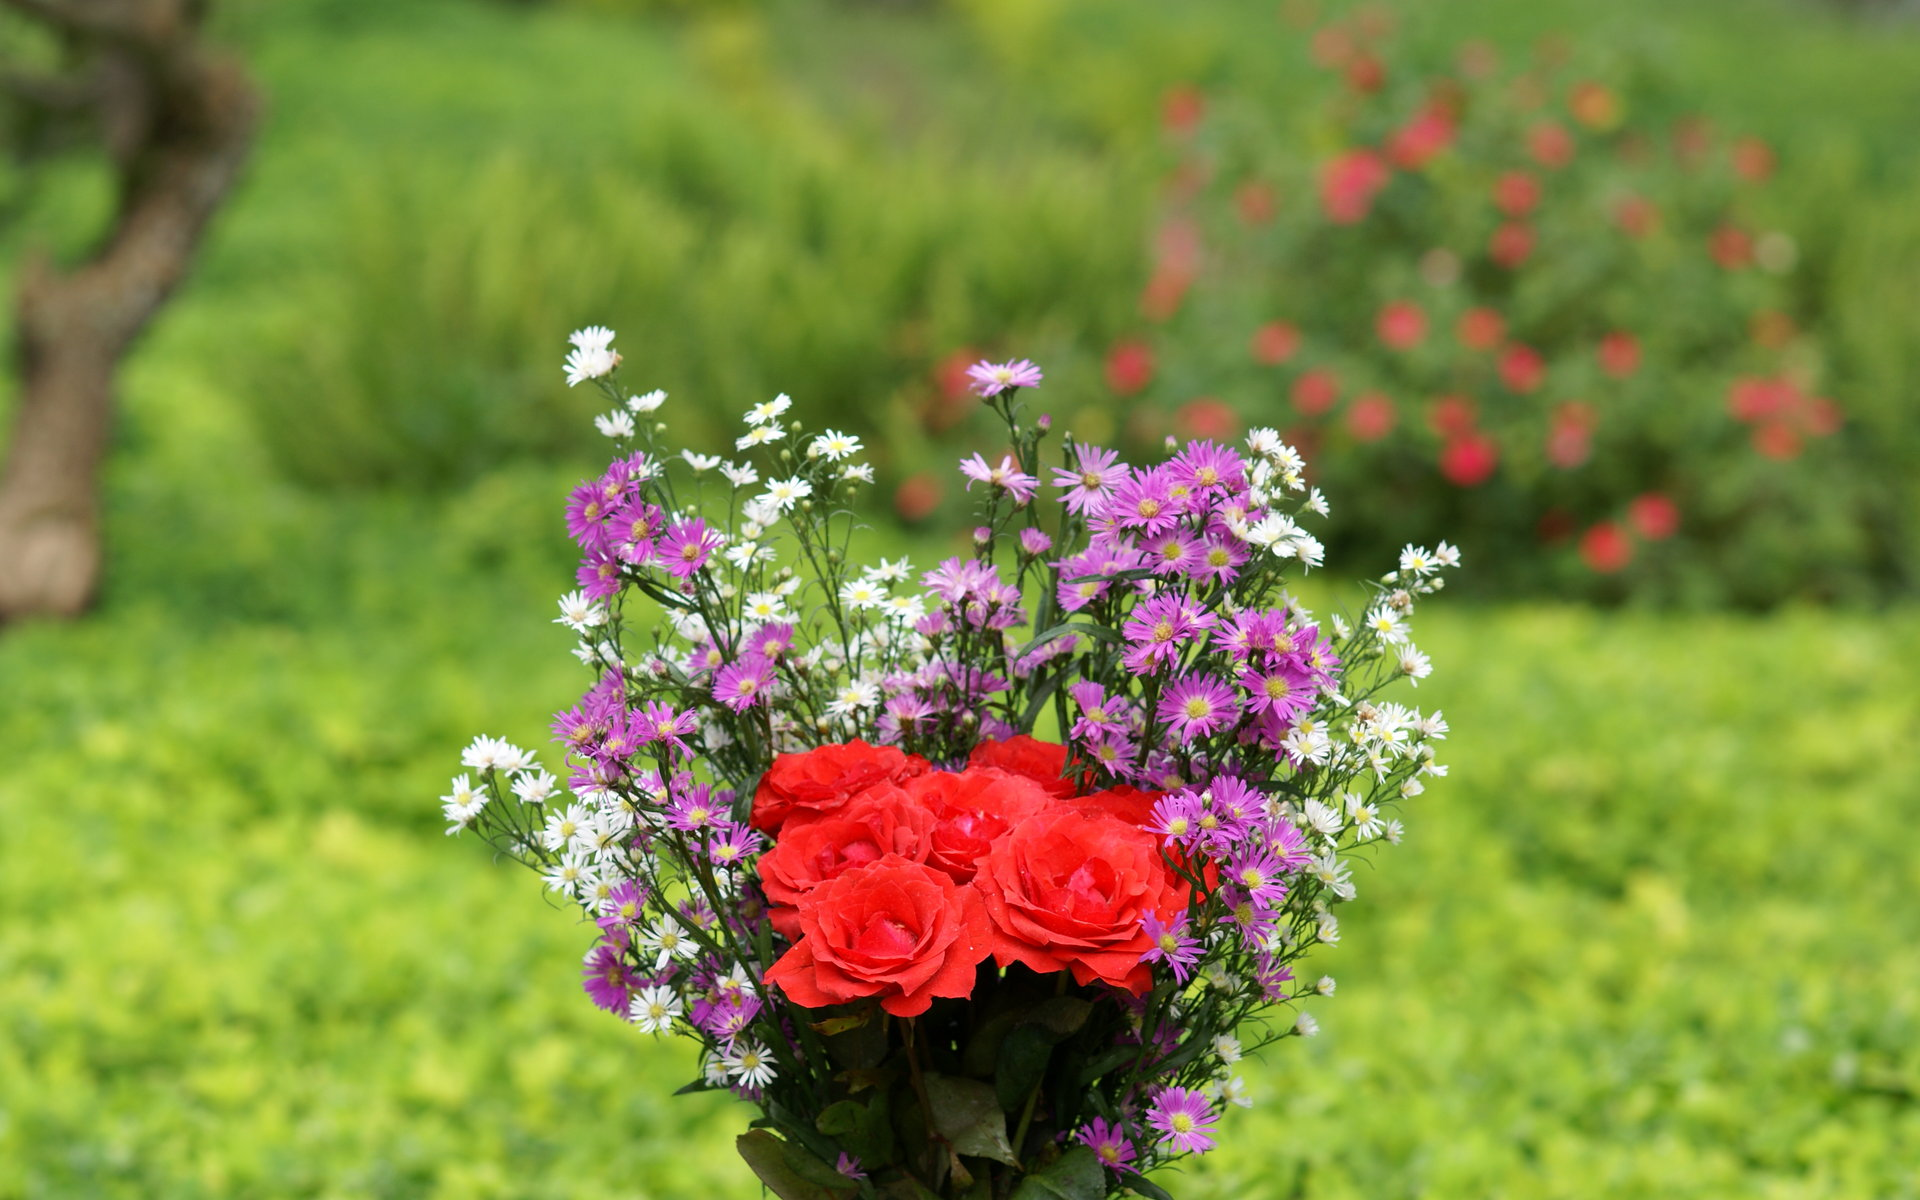 گلهای رز بسیار زیبا تقدیم به همه بینندگان ایران ناز | www.irannaz.com